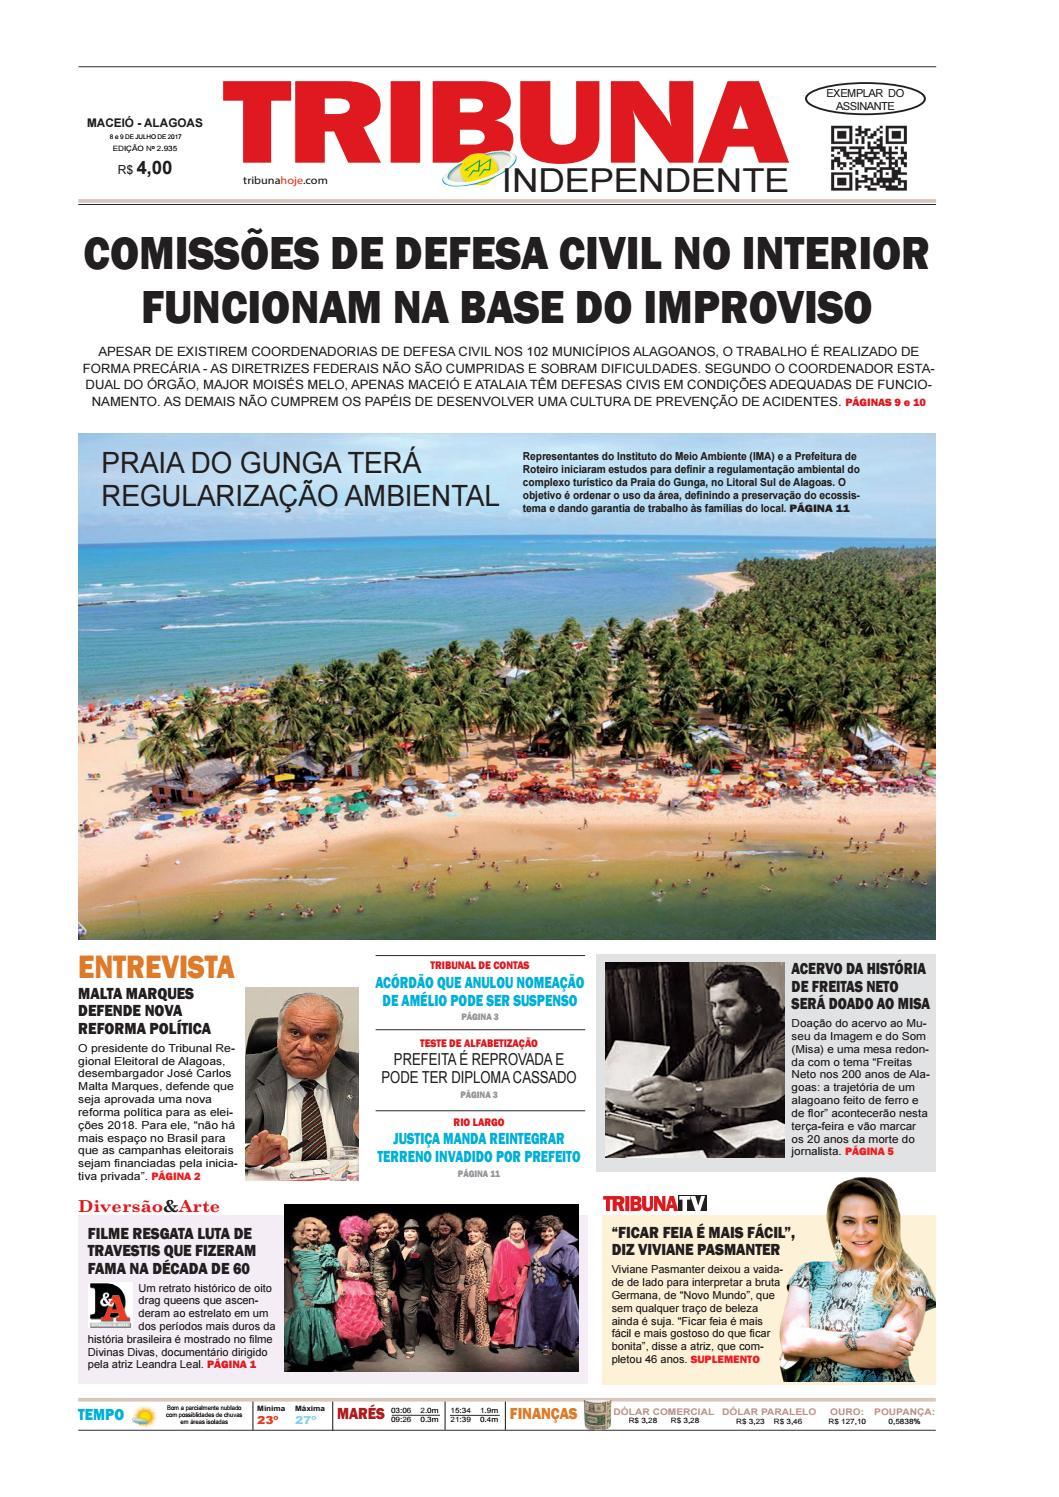 604abc5dc3 Edição número 2935 - 8 e 9 de julho de 2017 by Tribuna Hoje - issuu